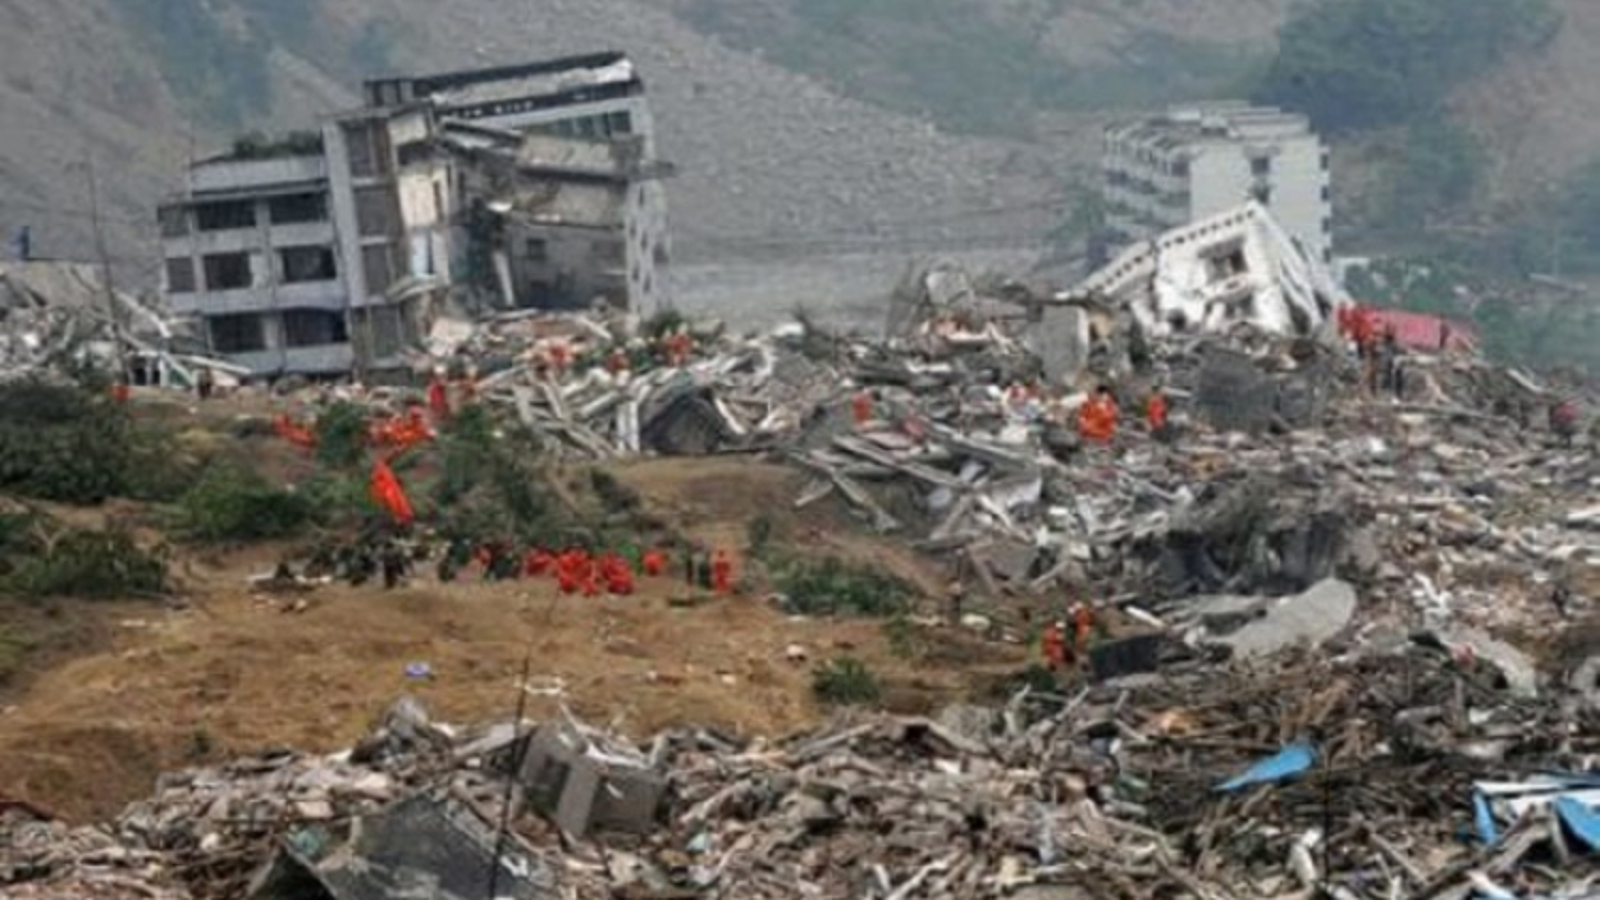 Động đất mạnh 5,1 độ ở Vân Nam (Trung Quốc) gây thiệt hại nghiêm trọng